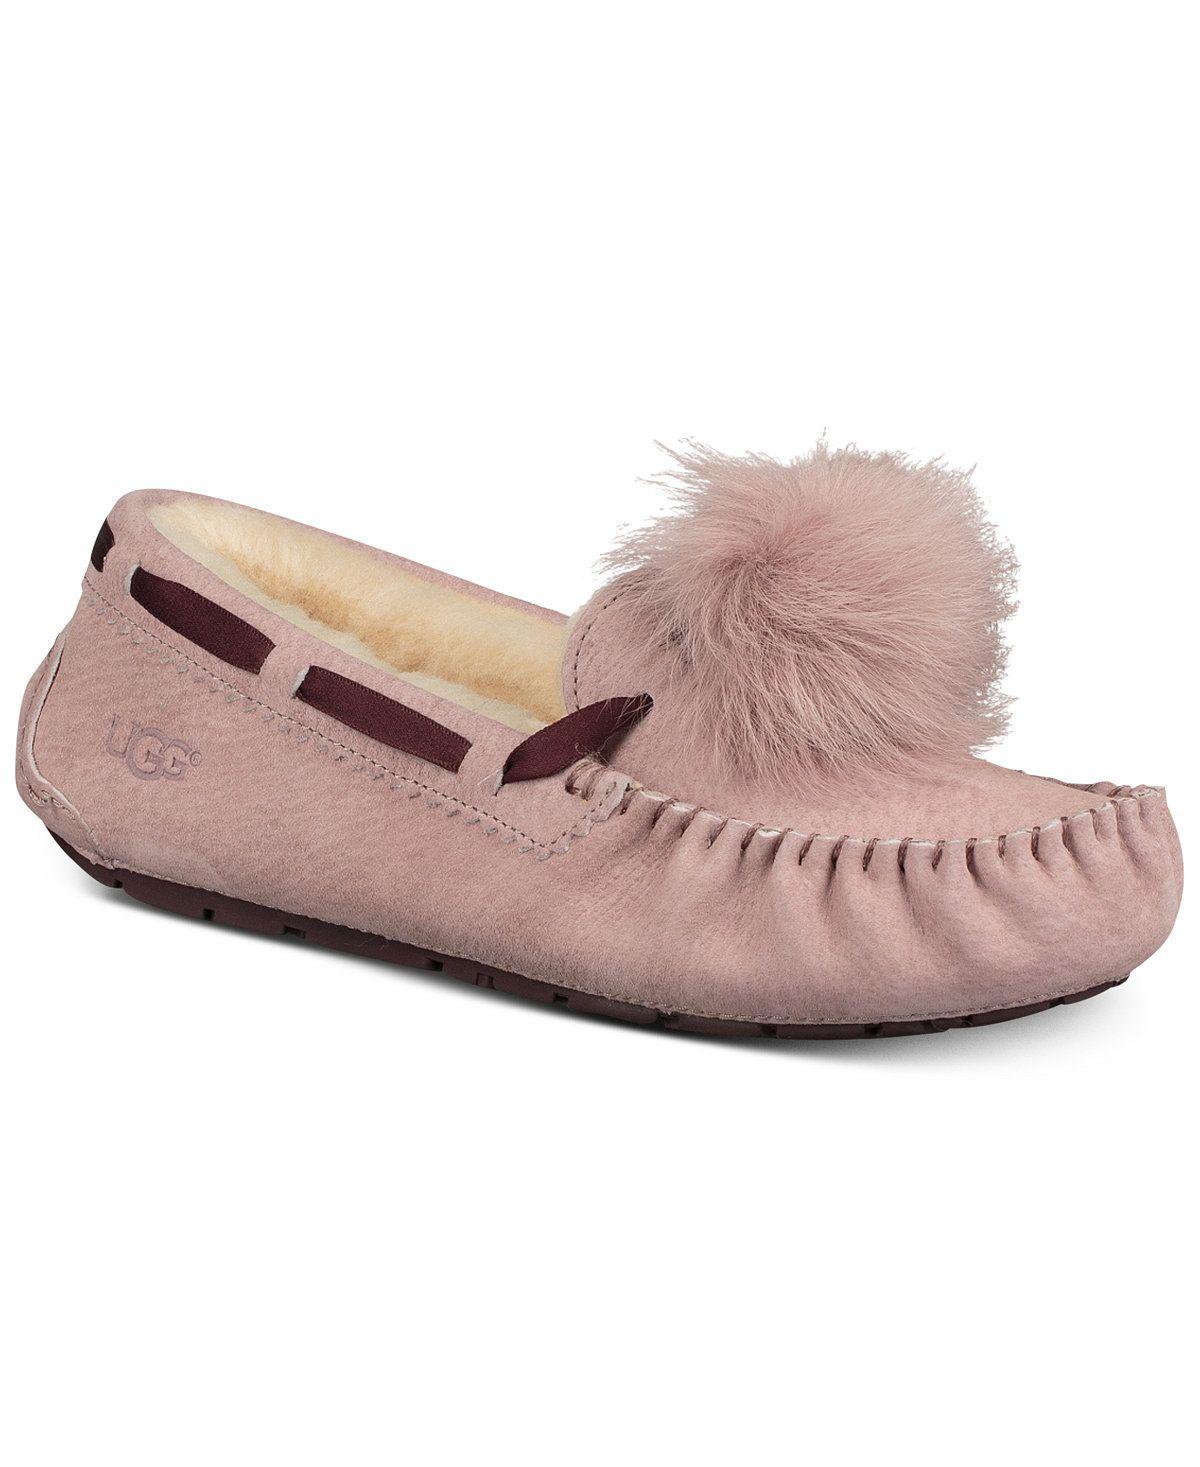 Dakota Moccasin Pom Pom Slippers